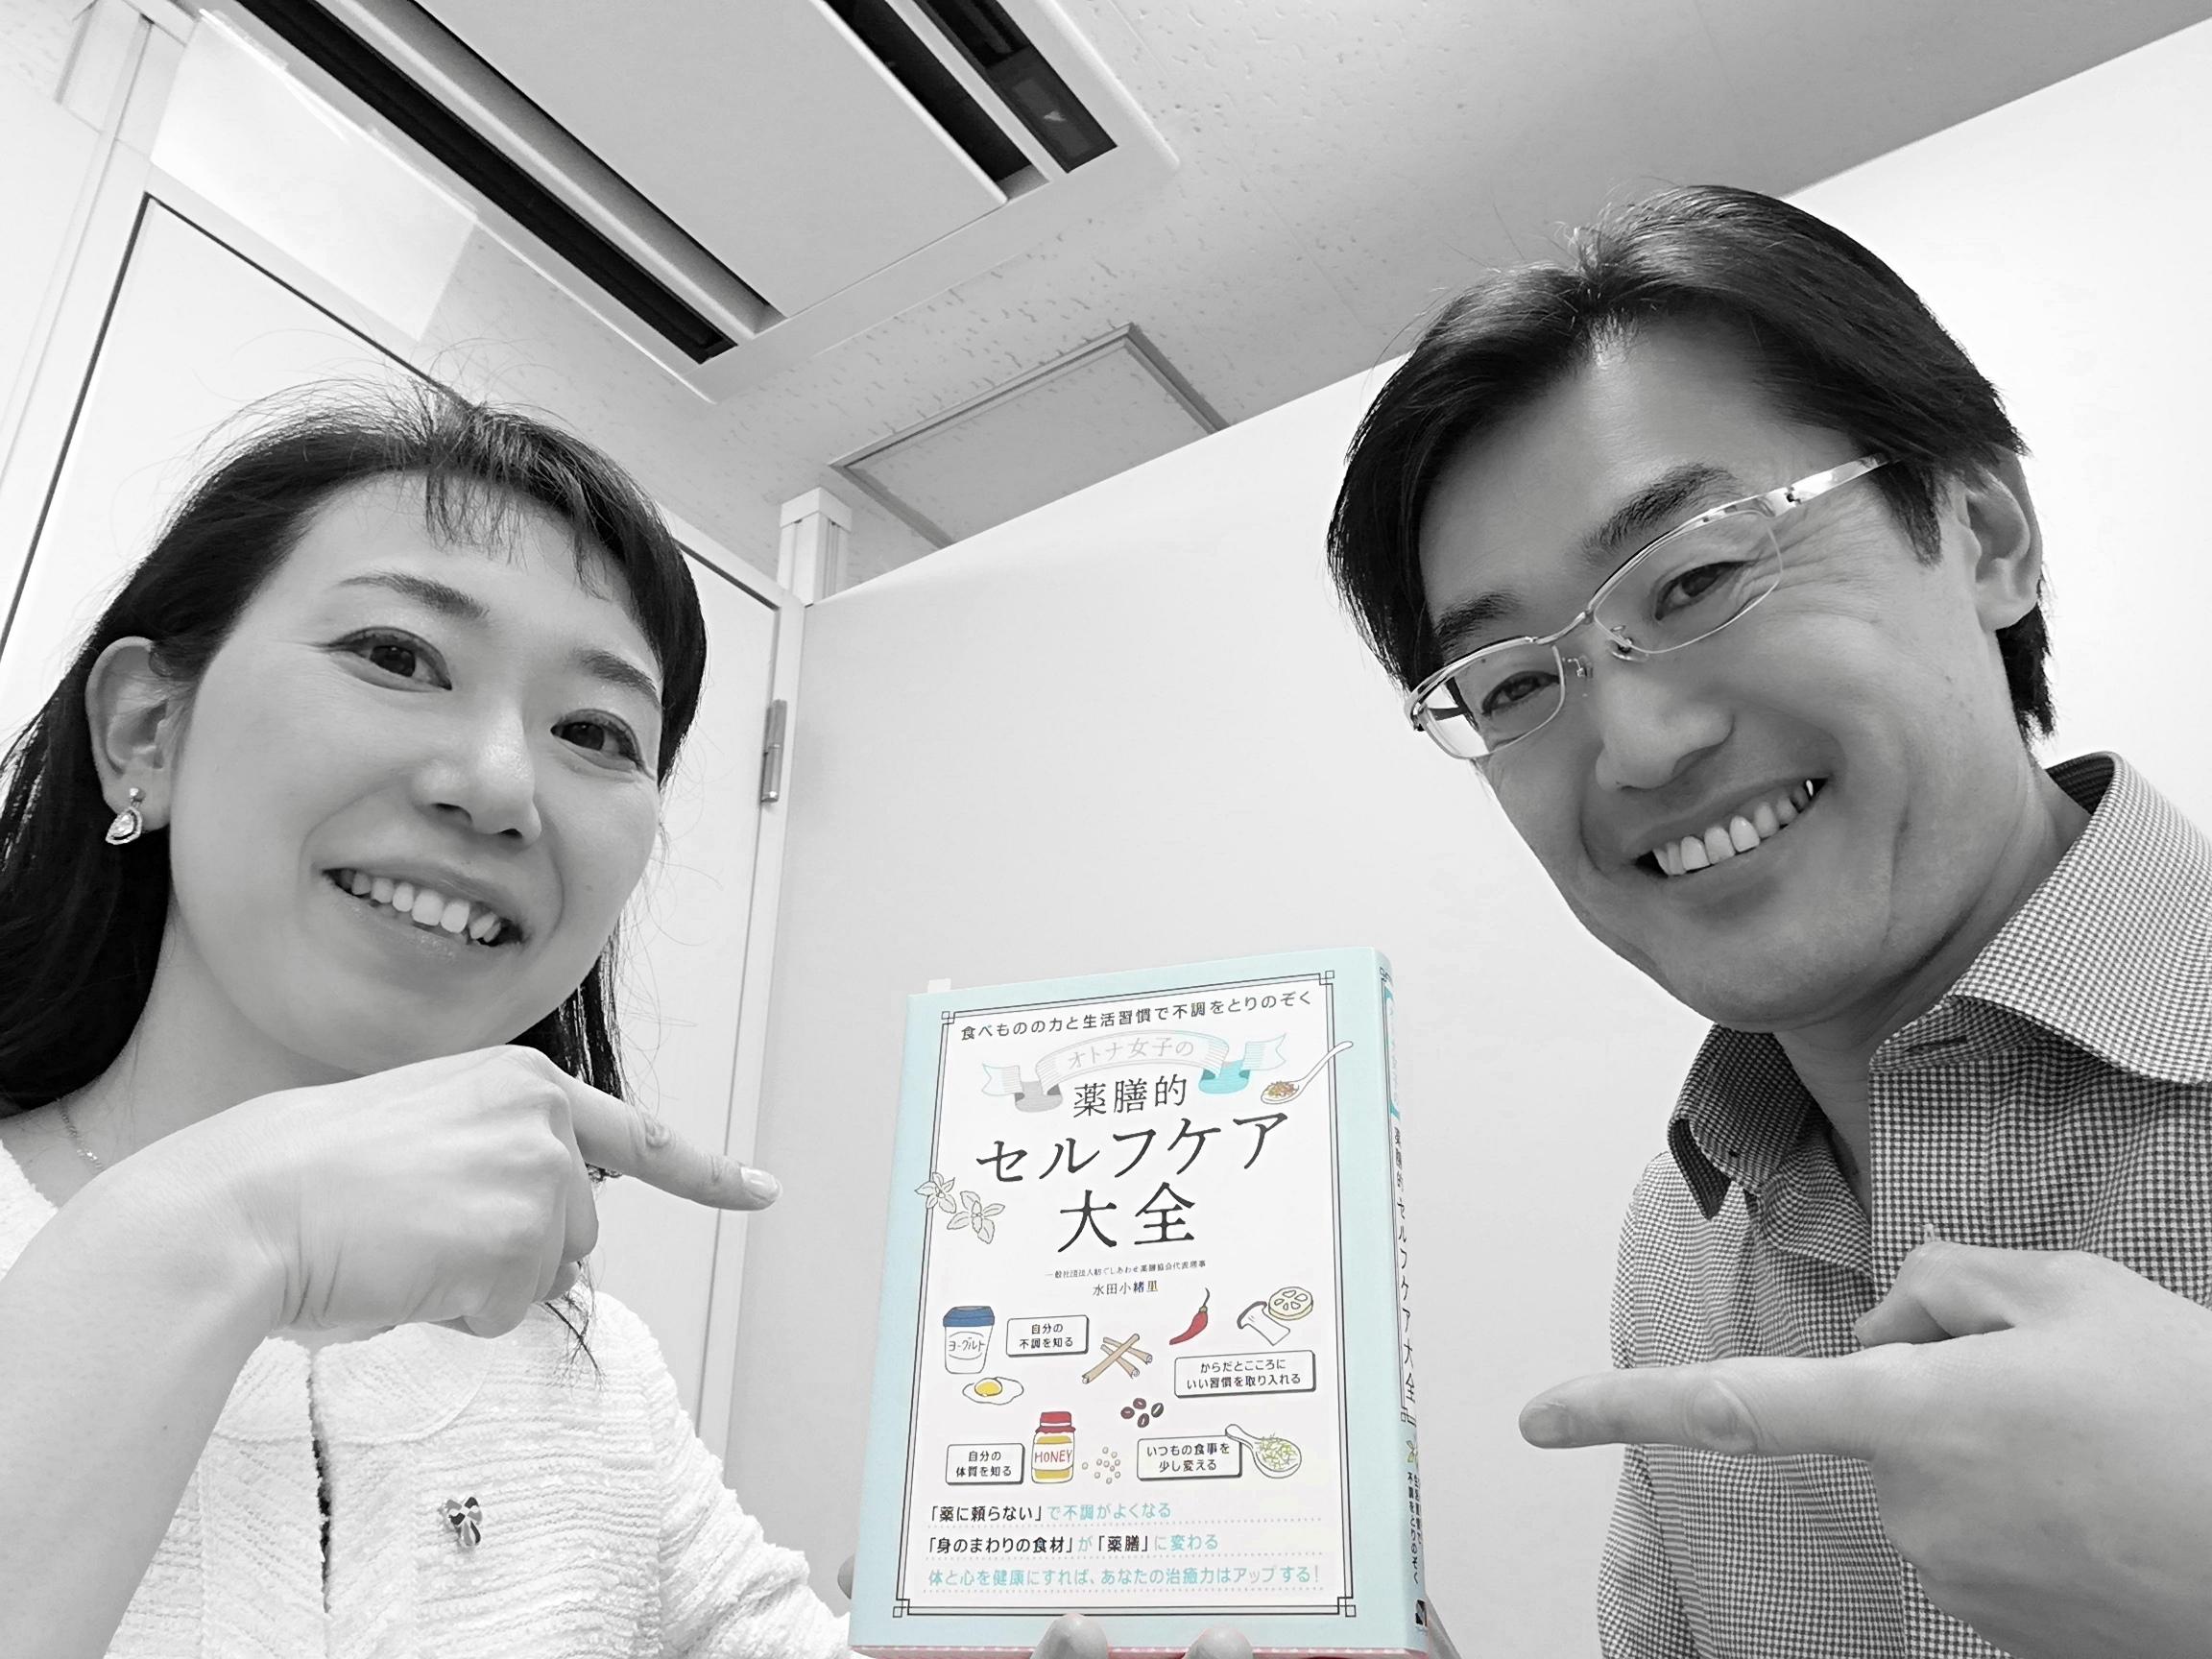 5年愛される本・福田清峰・オトナ女子の 薬膳的セルフケア大全-7